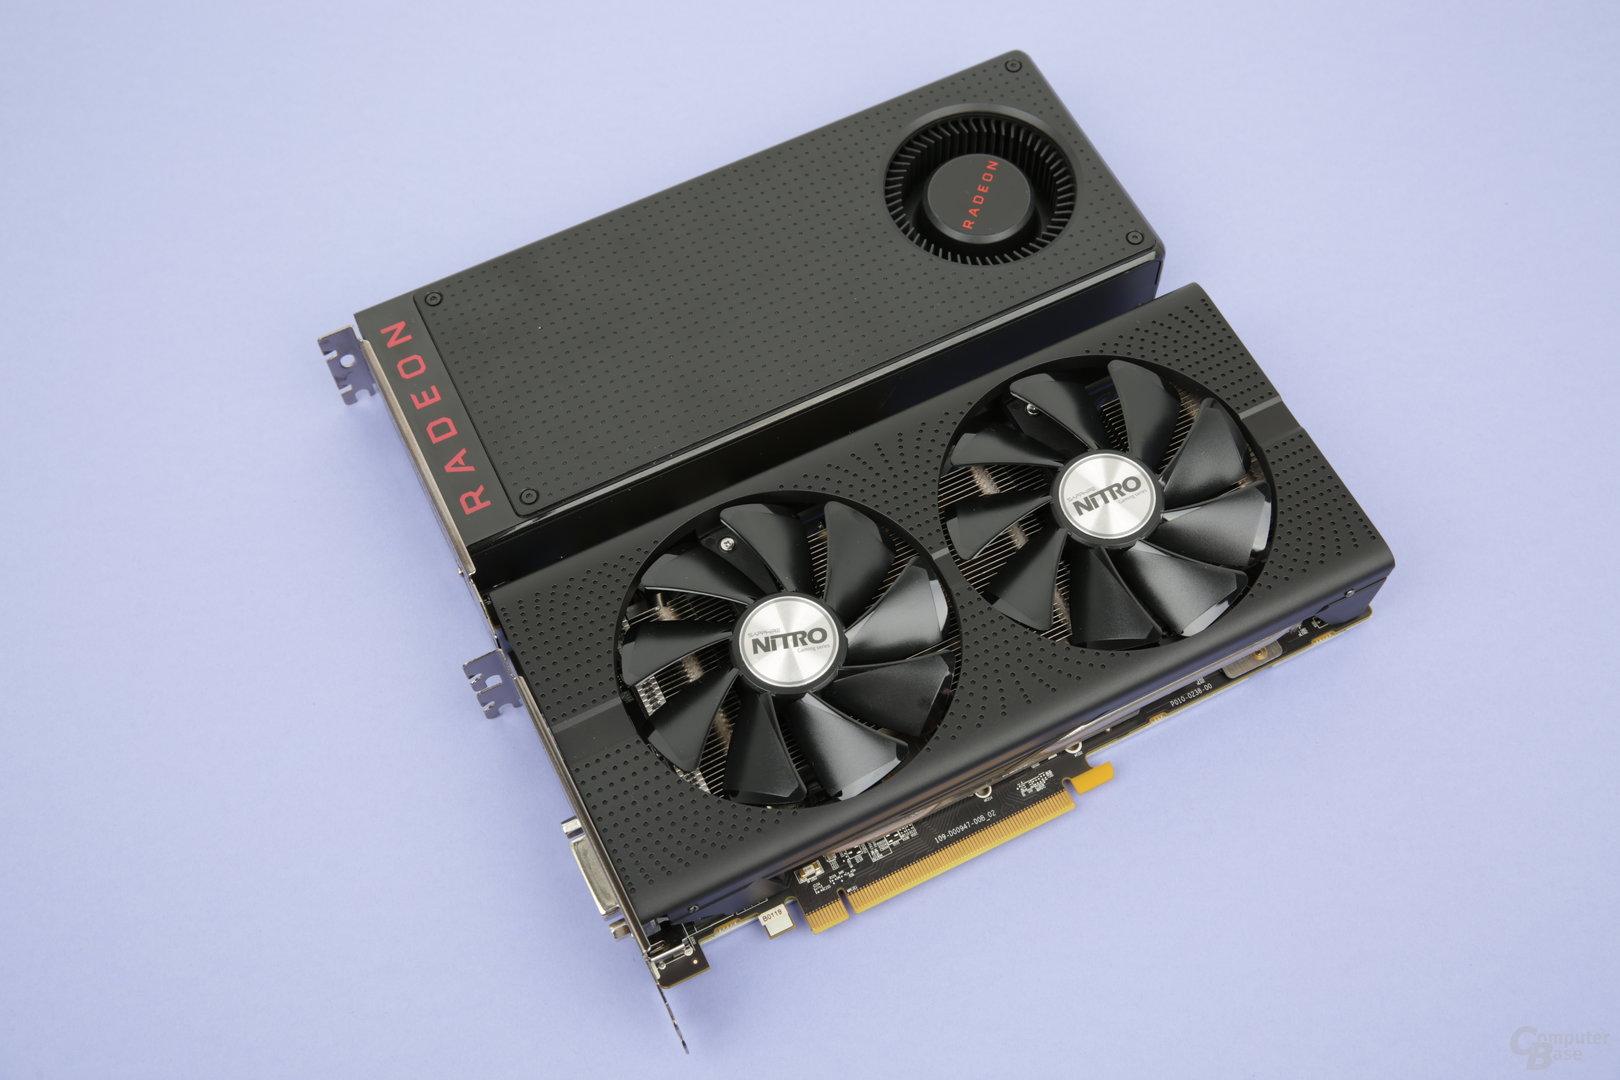 RX 480 Referenz (Oben) vs. Sapphire (Unten)